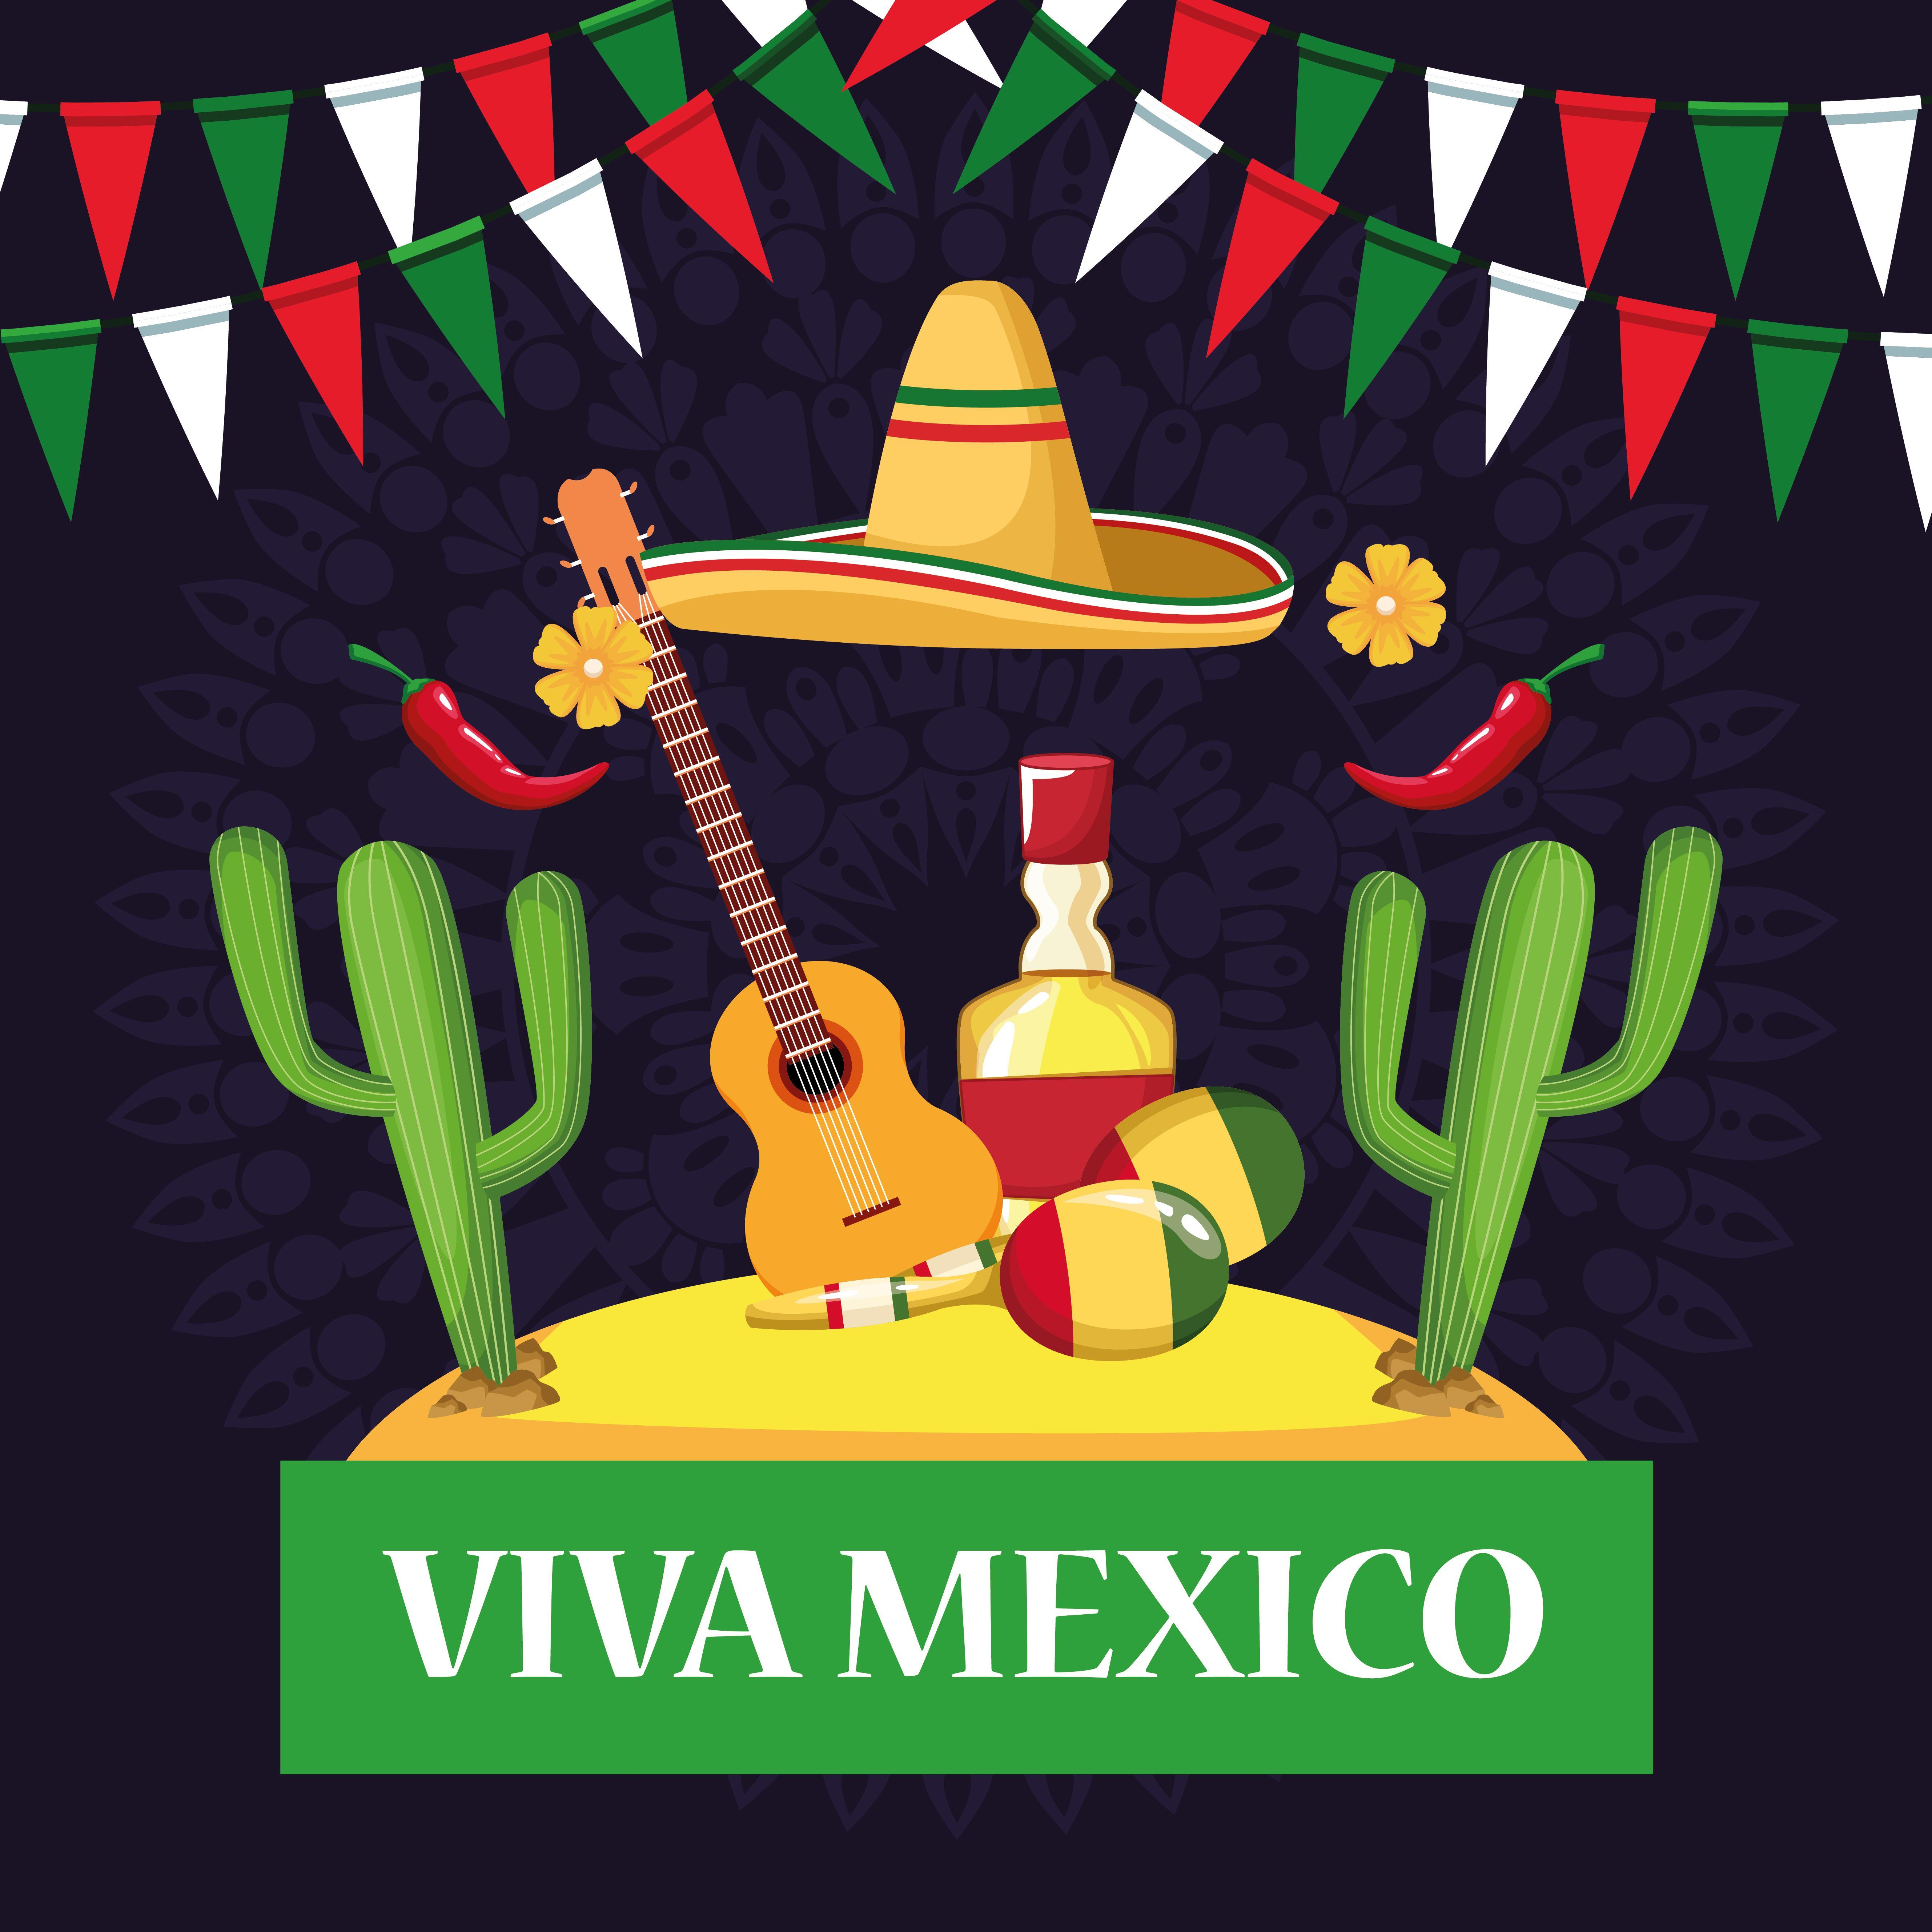 Viva Mexico Card Cartoons Viva Mexico Cartoon Mexico